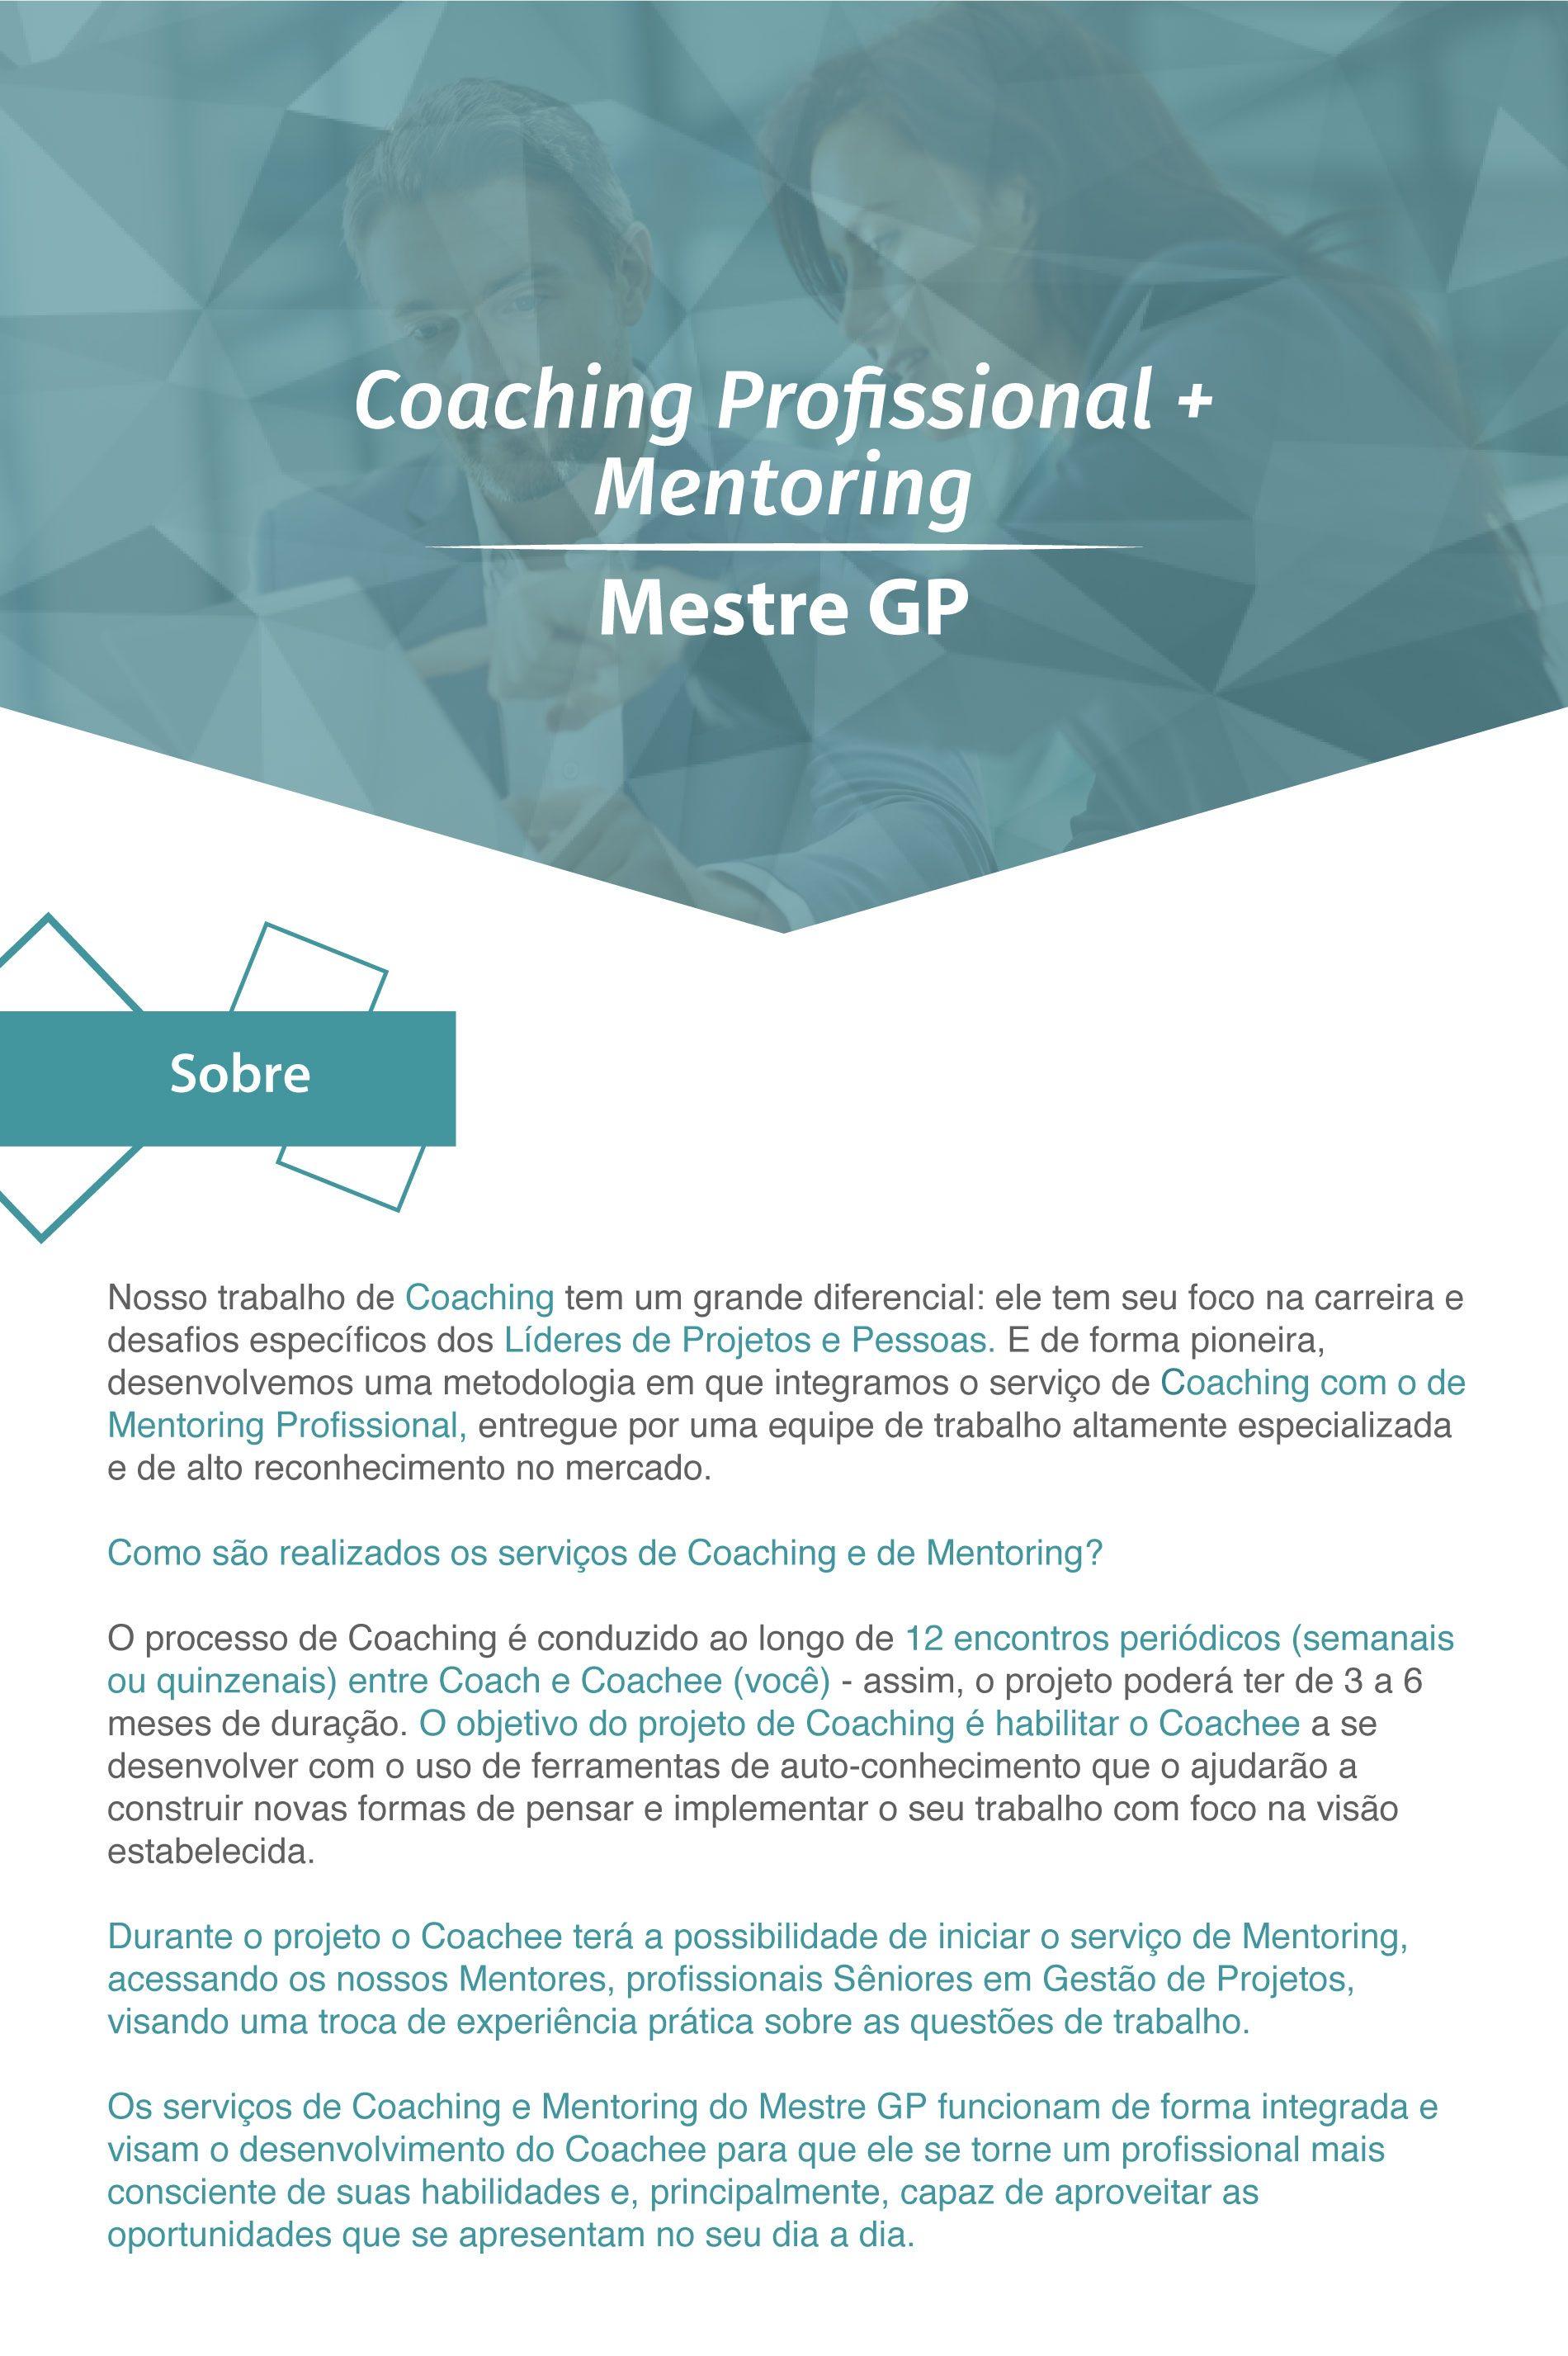 Coaching Profissional - Nosso trabalho de coaching tem um grande diferencial: ele tem seu foco na carreira e desafios específicos dos líderes de projetos.